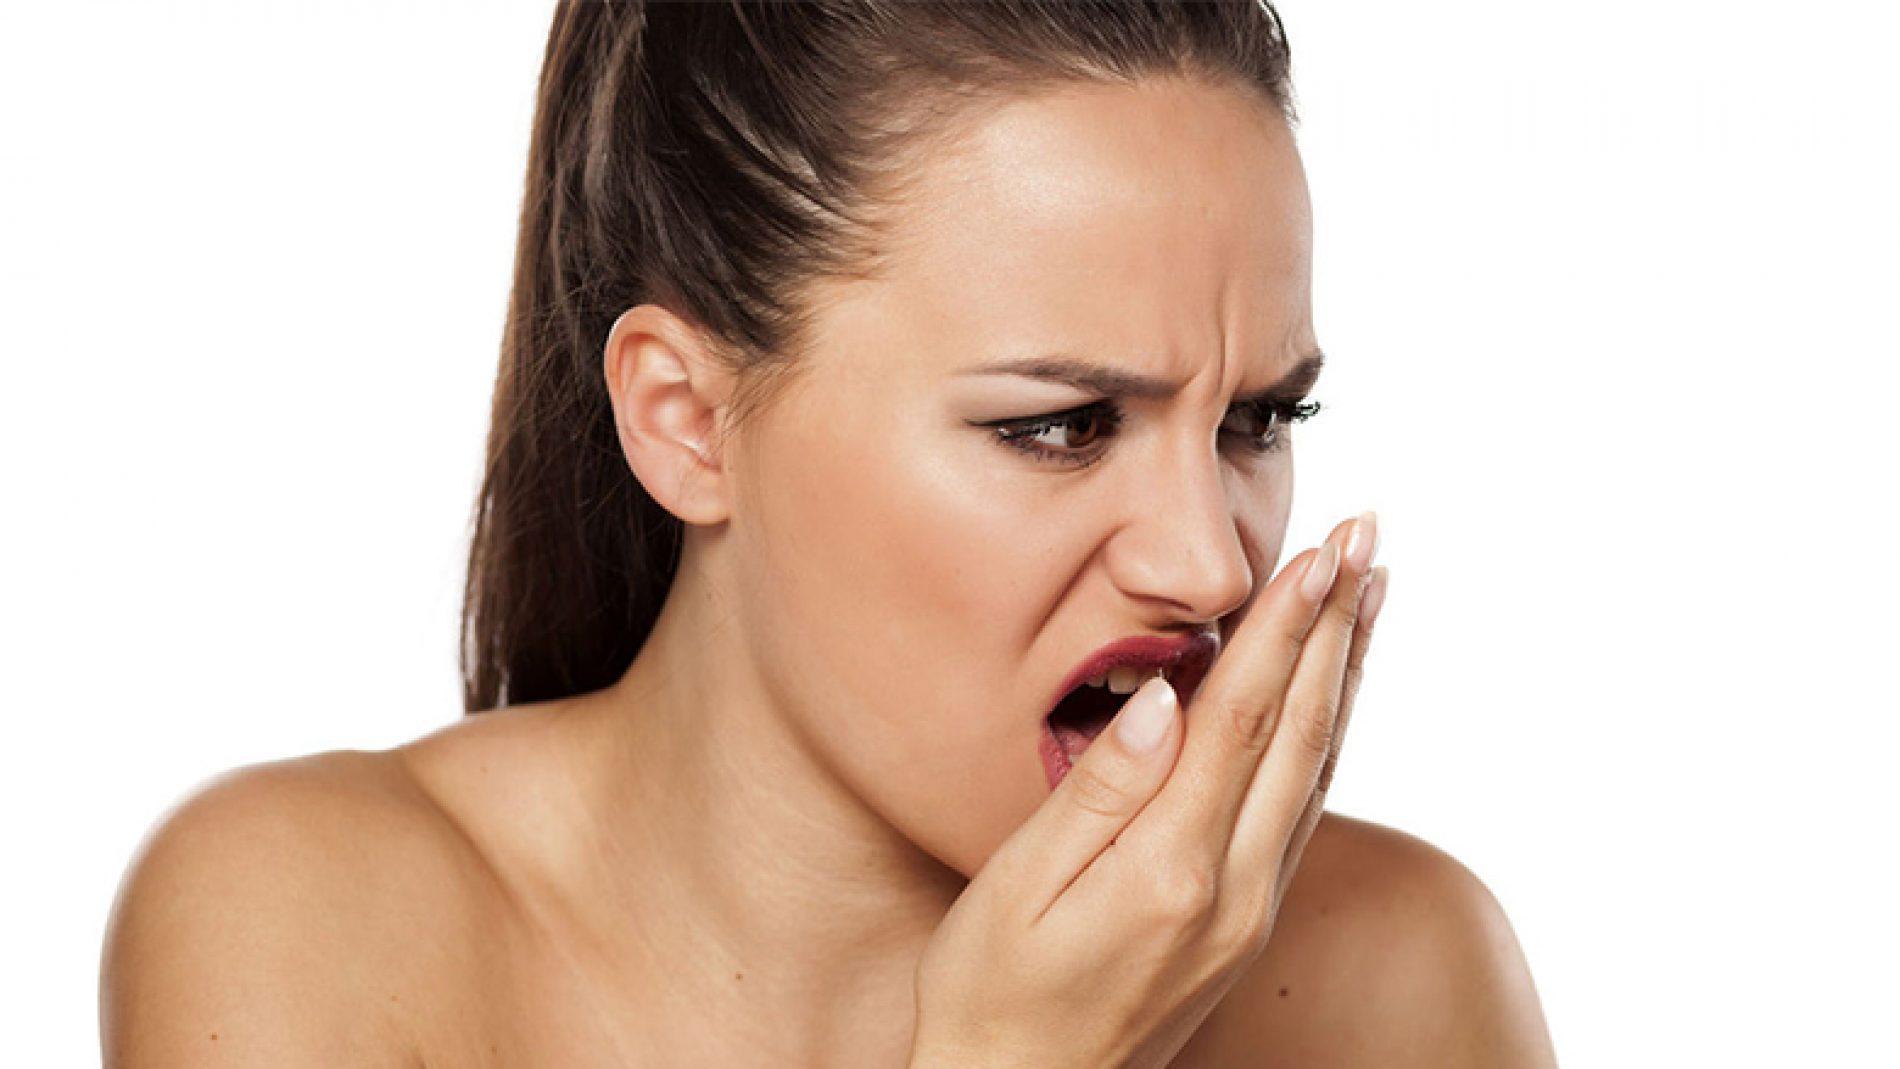 Këta janë shkaktarët e erës së keqe të gojës: Ndonjë me siguri do t'ju befasojë!